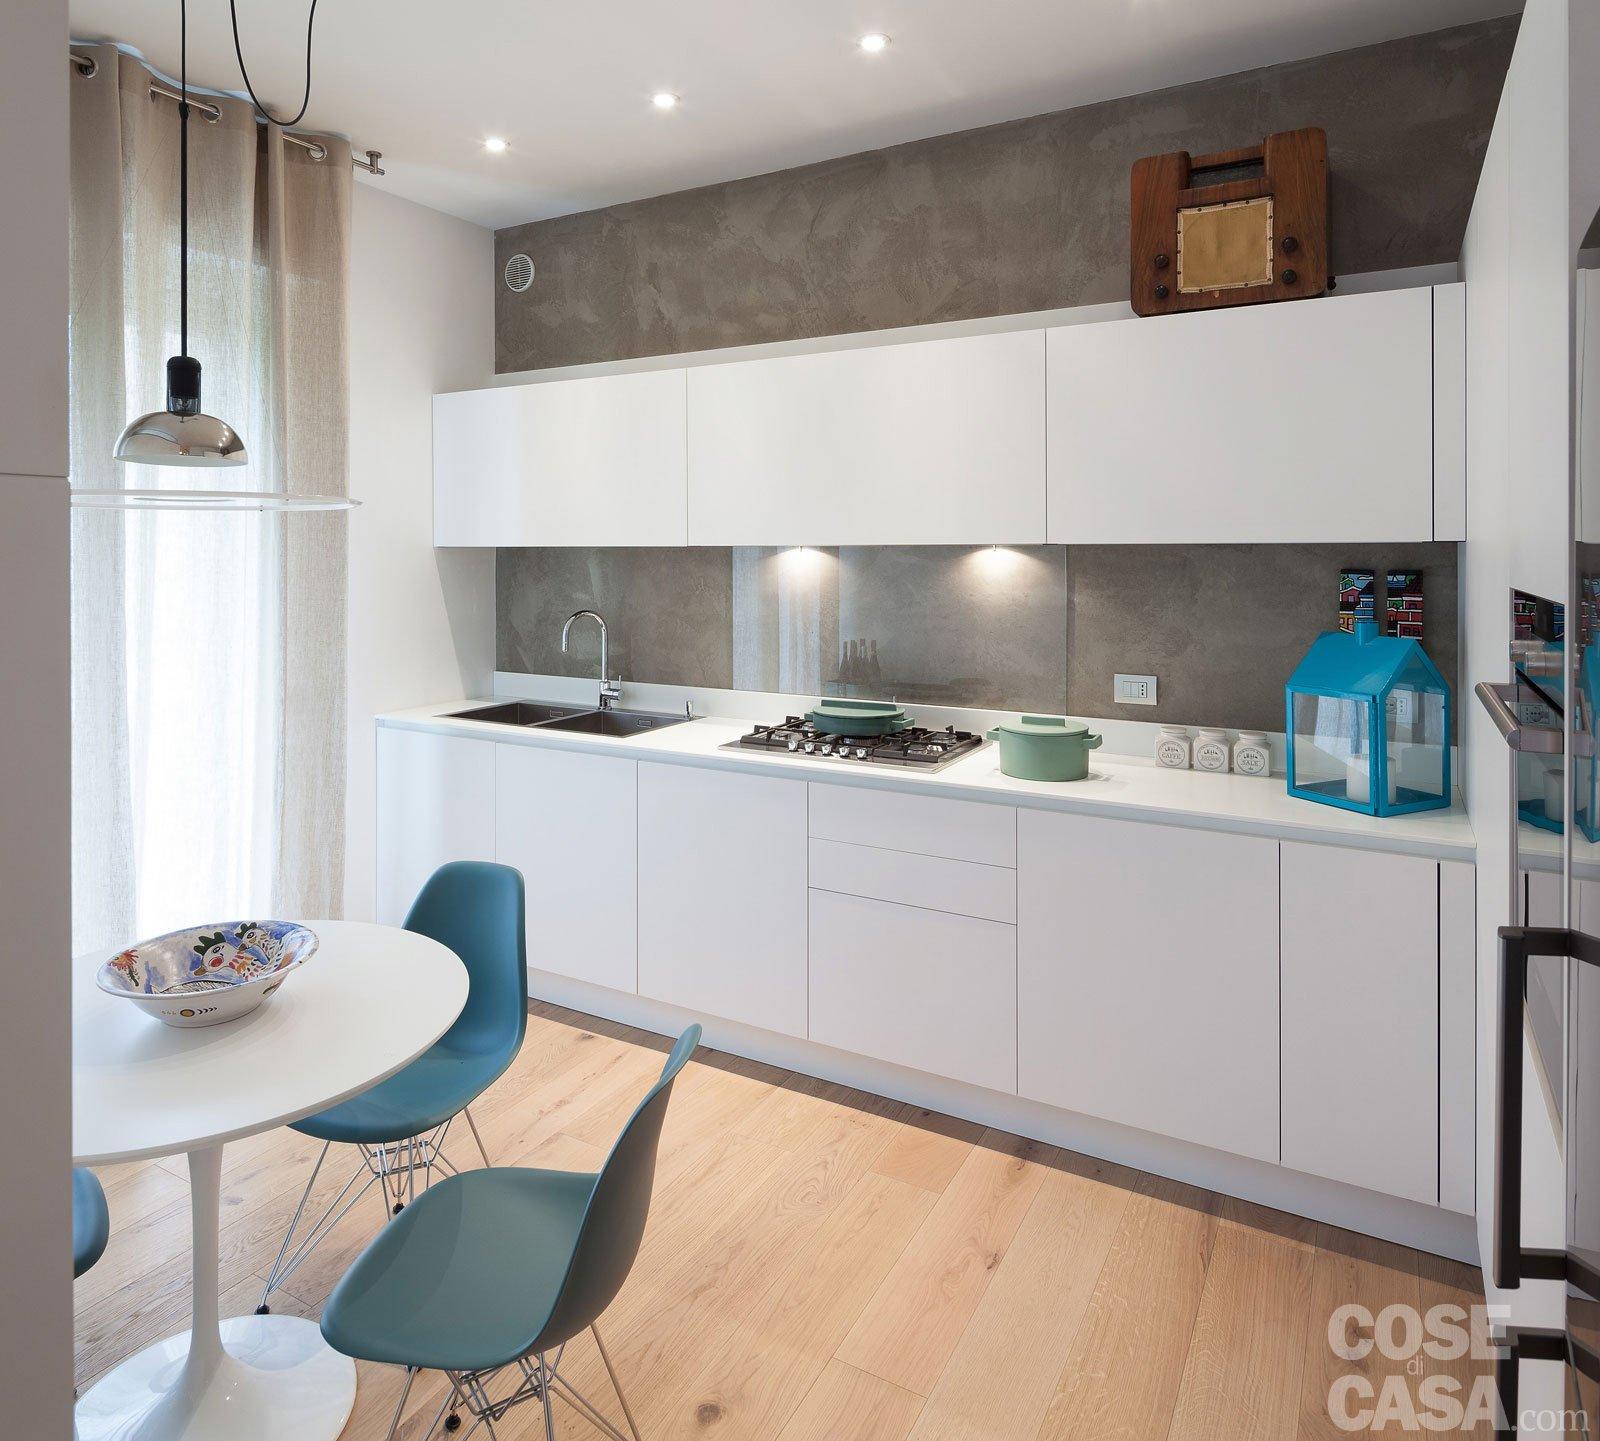 Forum consigli colore top piastrelle for Immagini per cucina